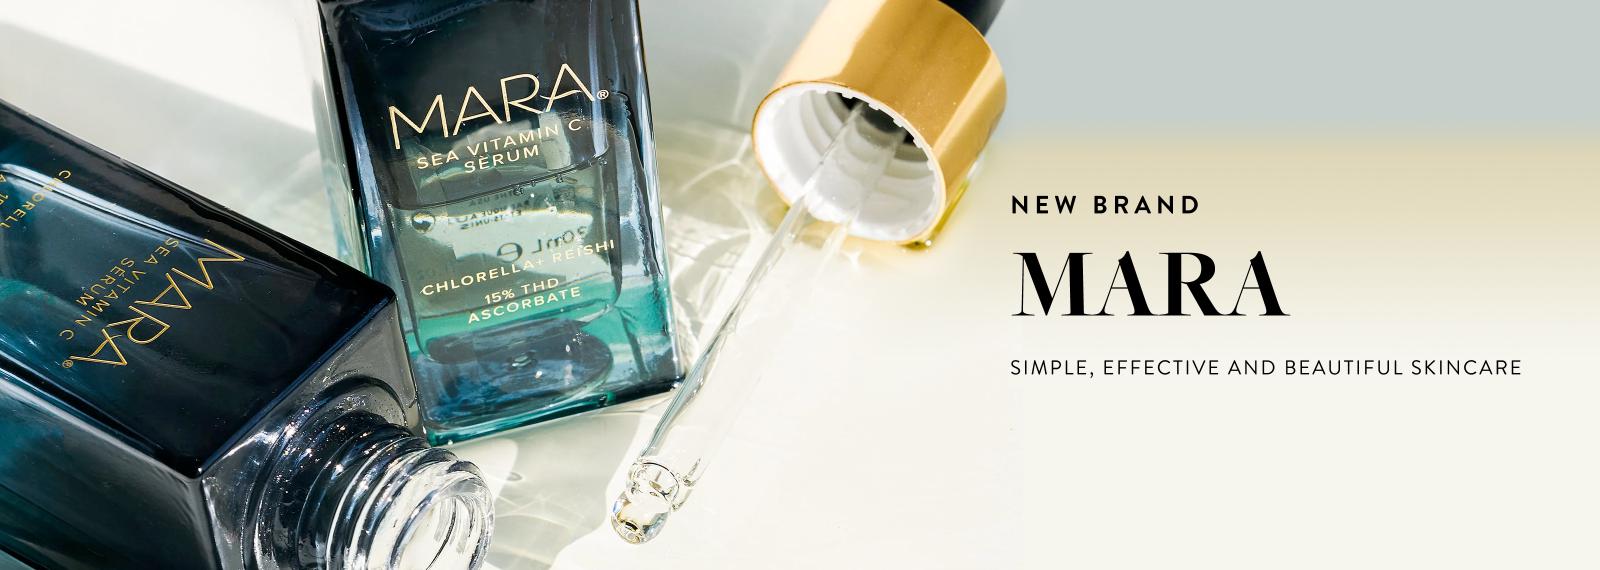 New Brand - MARA